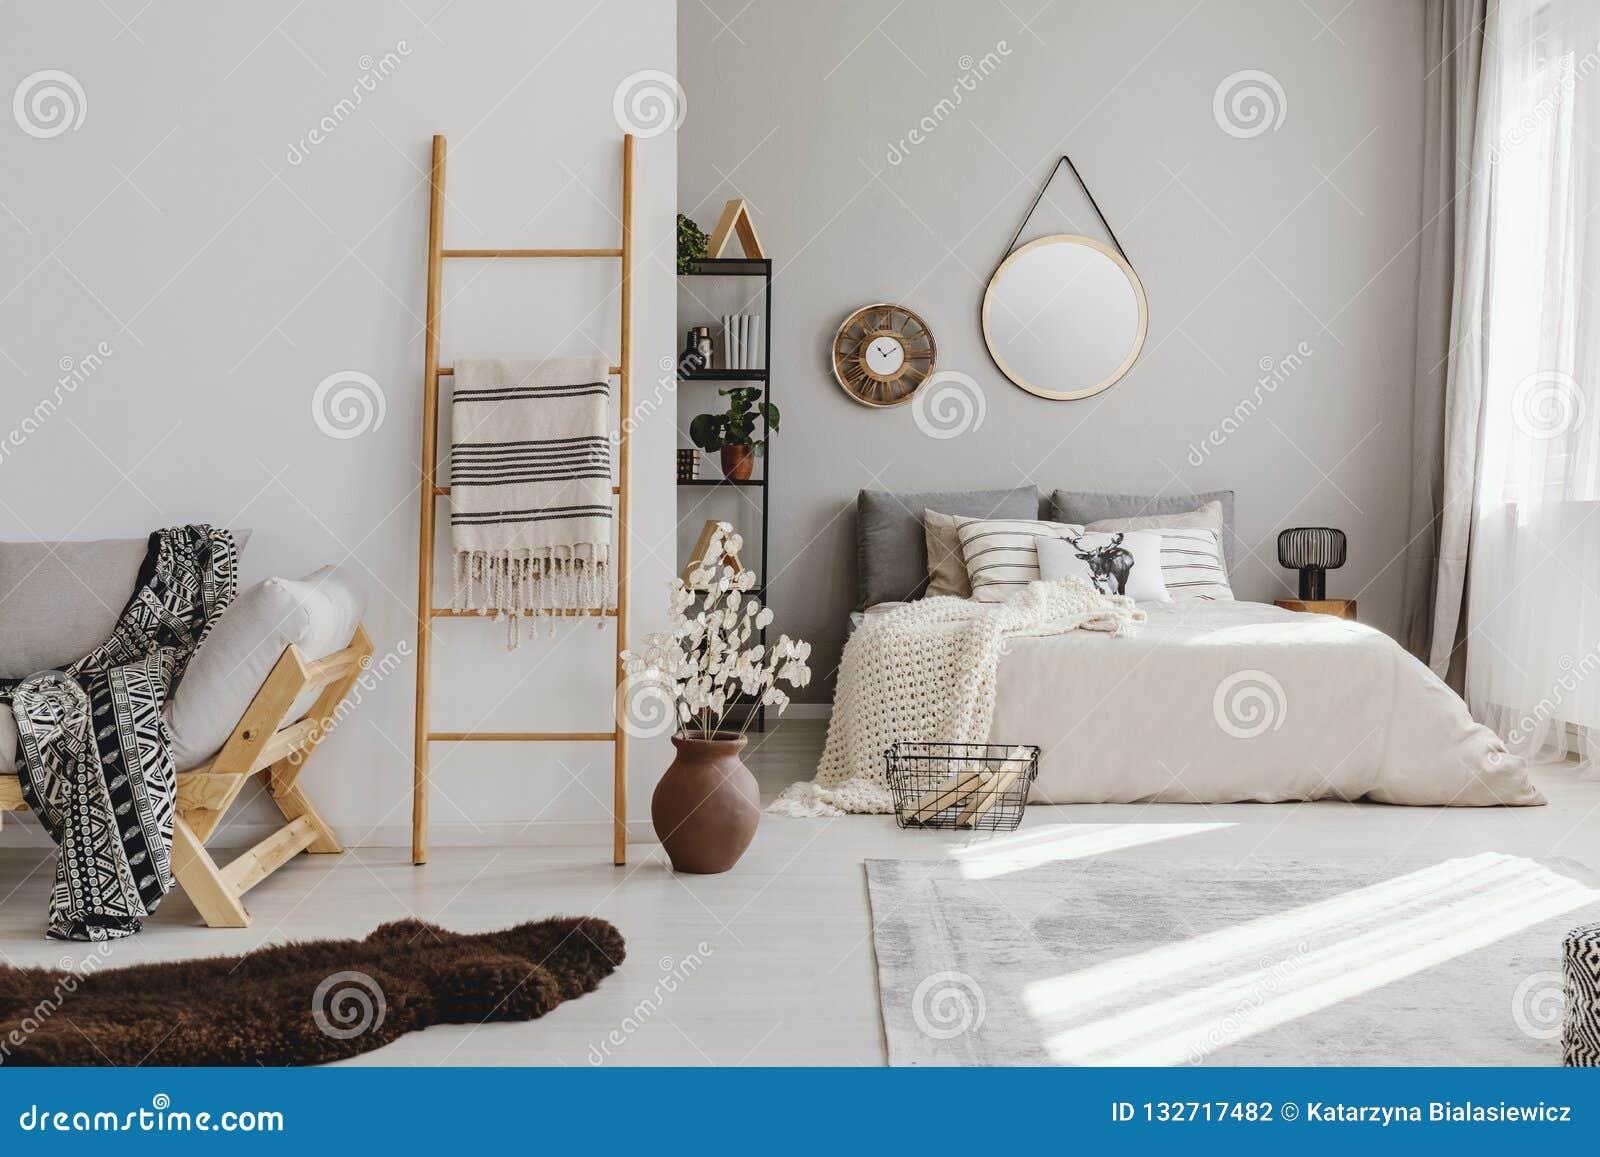 Otwartej przestrzeni sypialni wnętrze z okno z zasłonami, lustrem i zegarem na ścianie, drabina z koc,